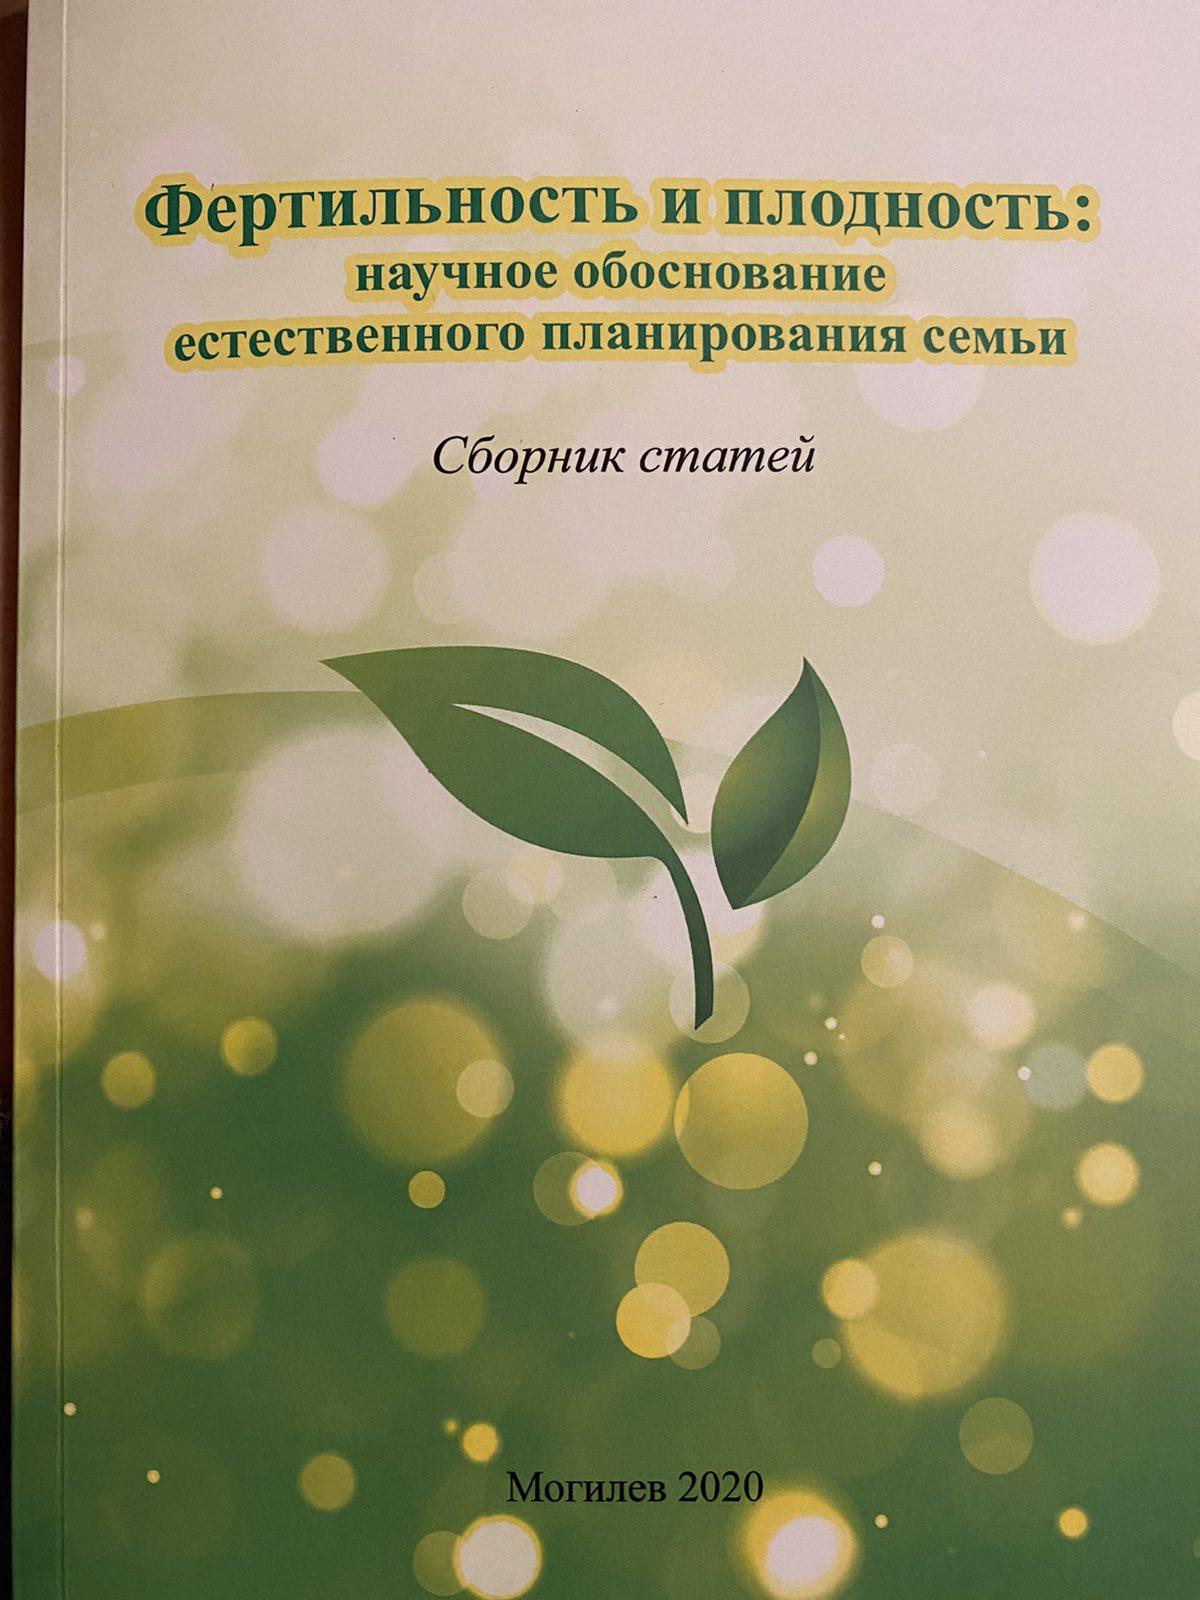 Вышла книга о естественном планировании семьи